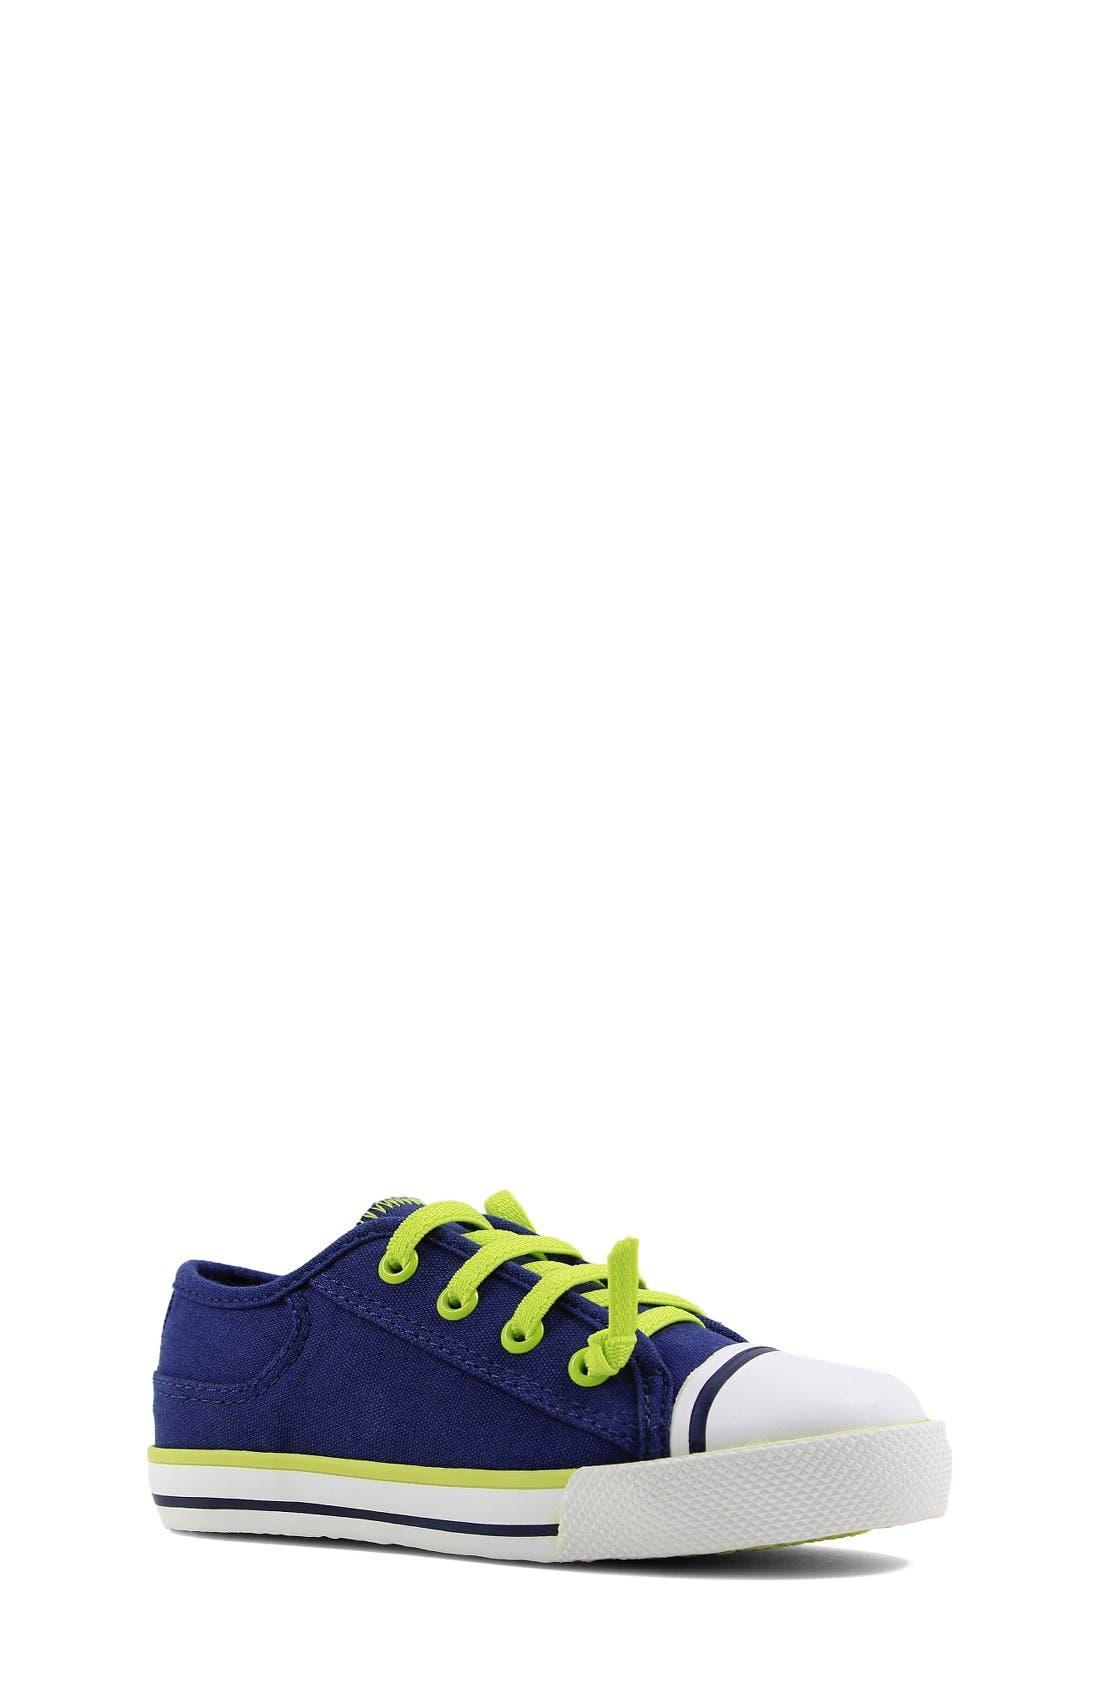 UMI Dax Sneaker